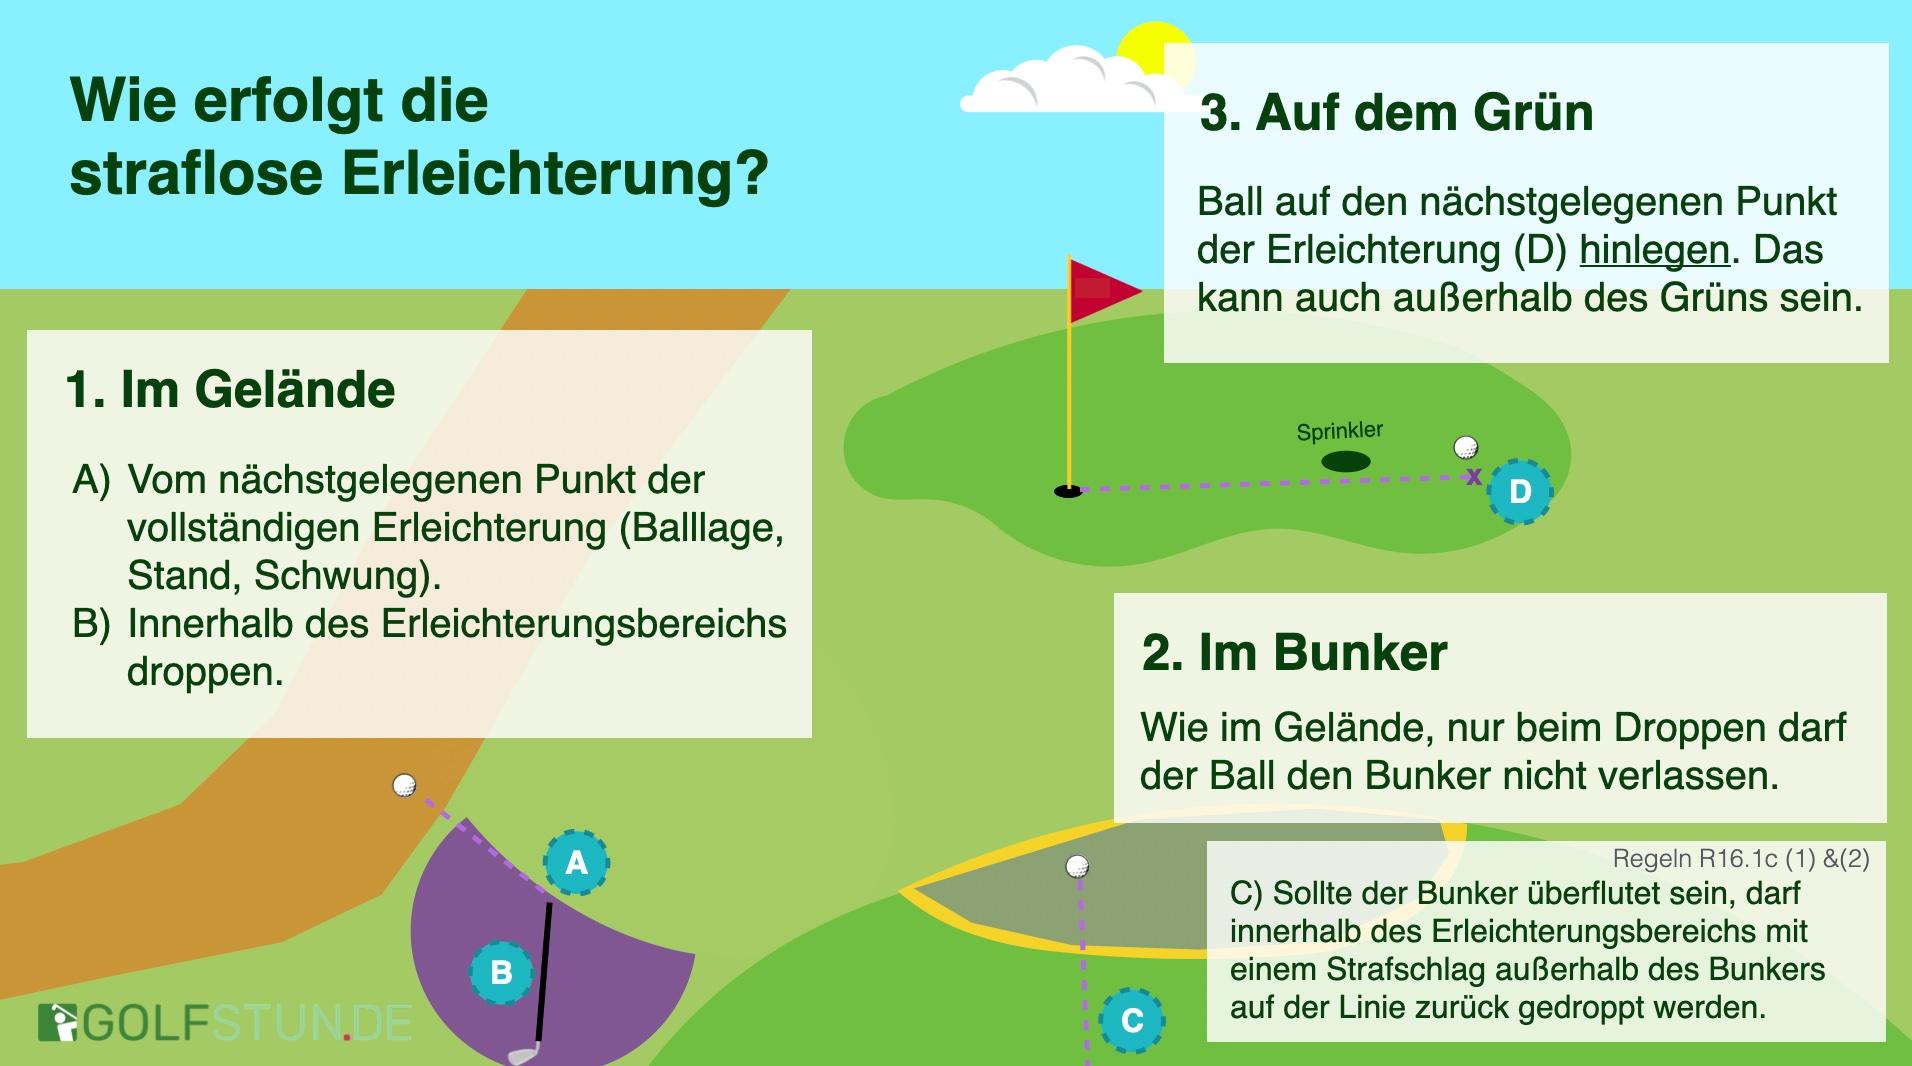 Straflose Erleichterung Golfstunde